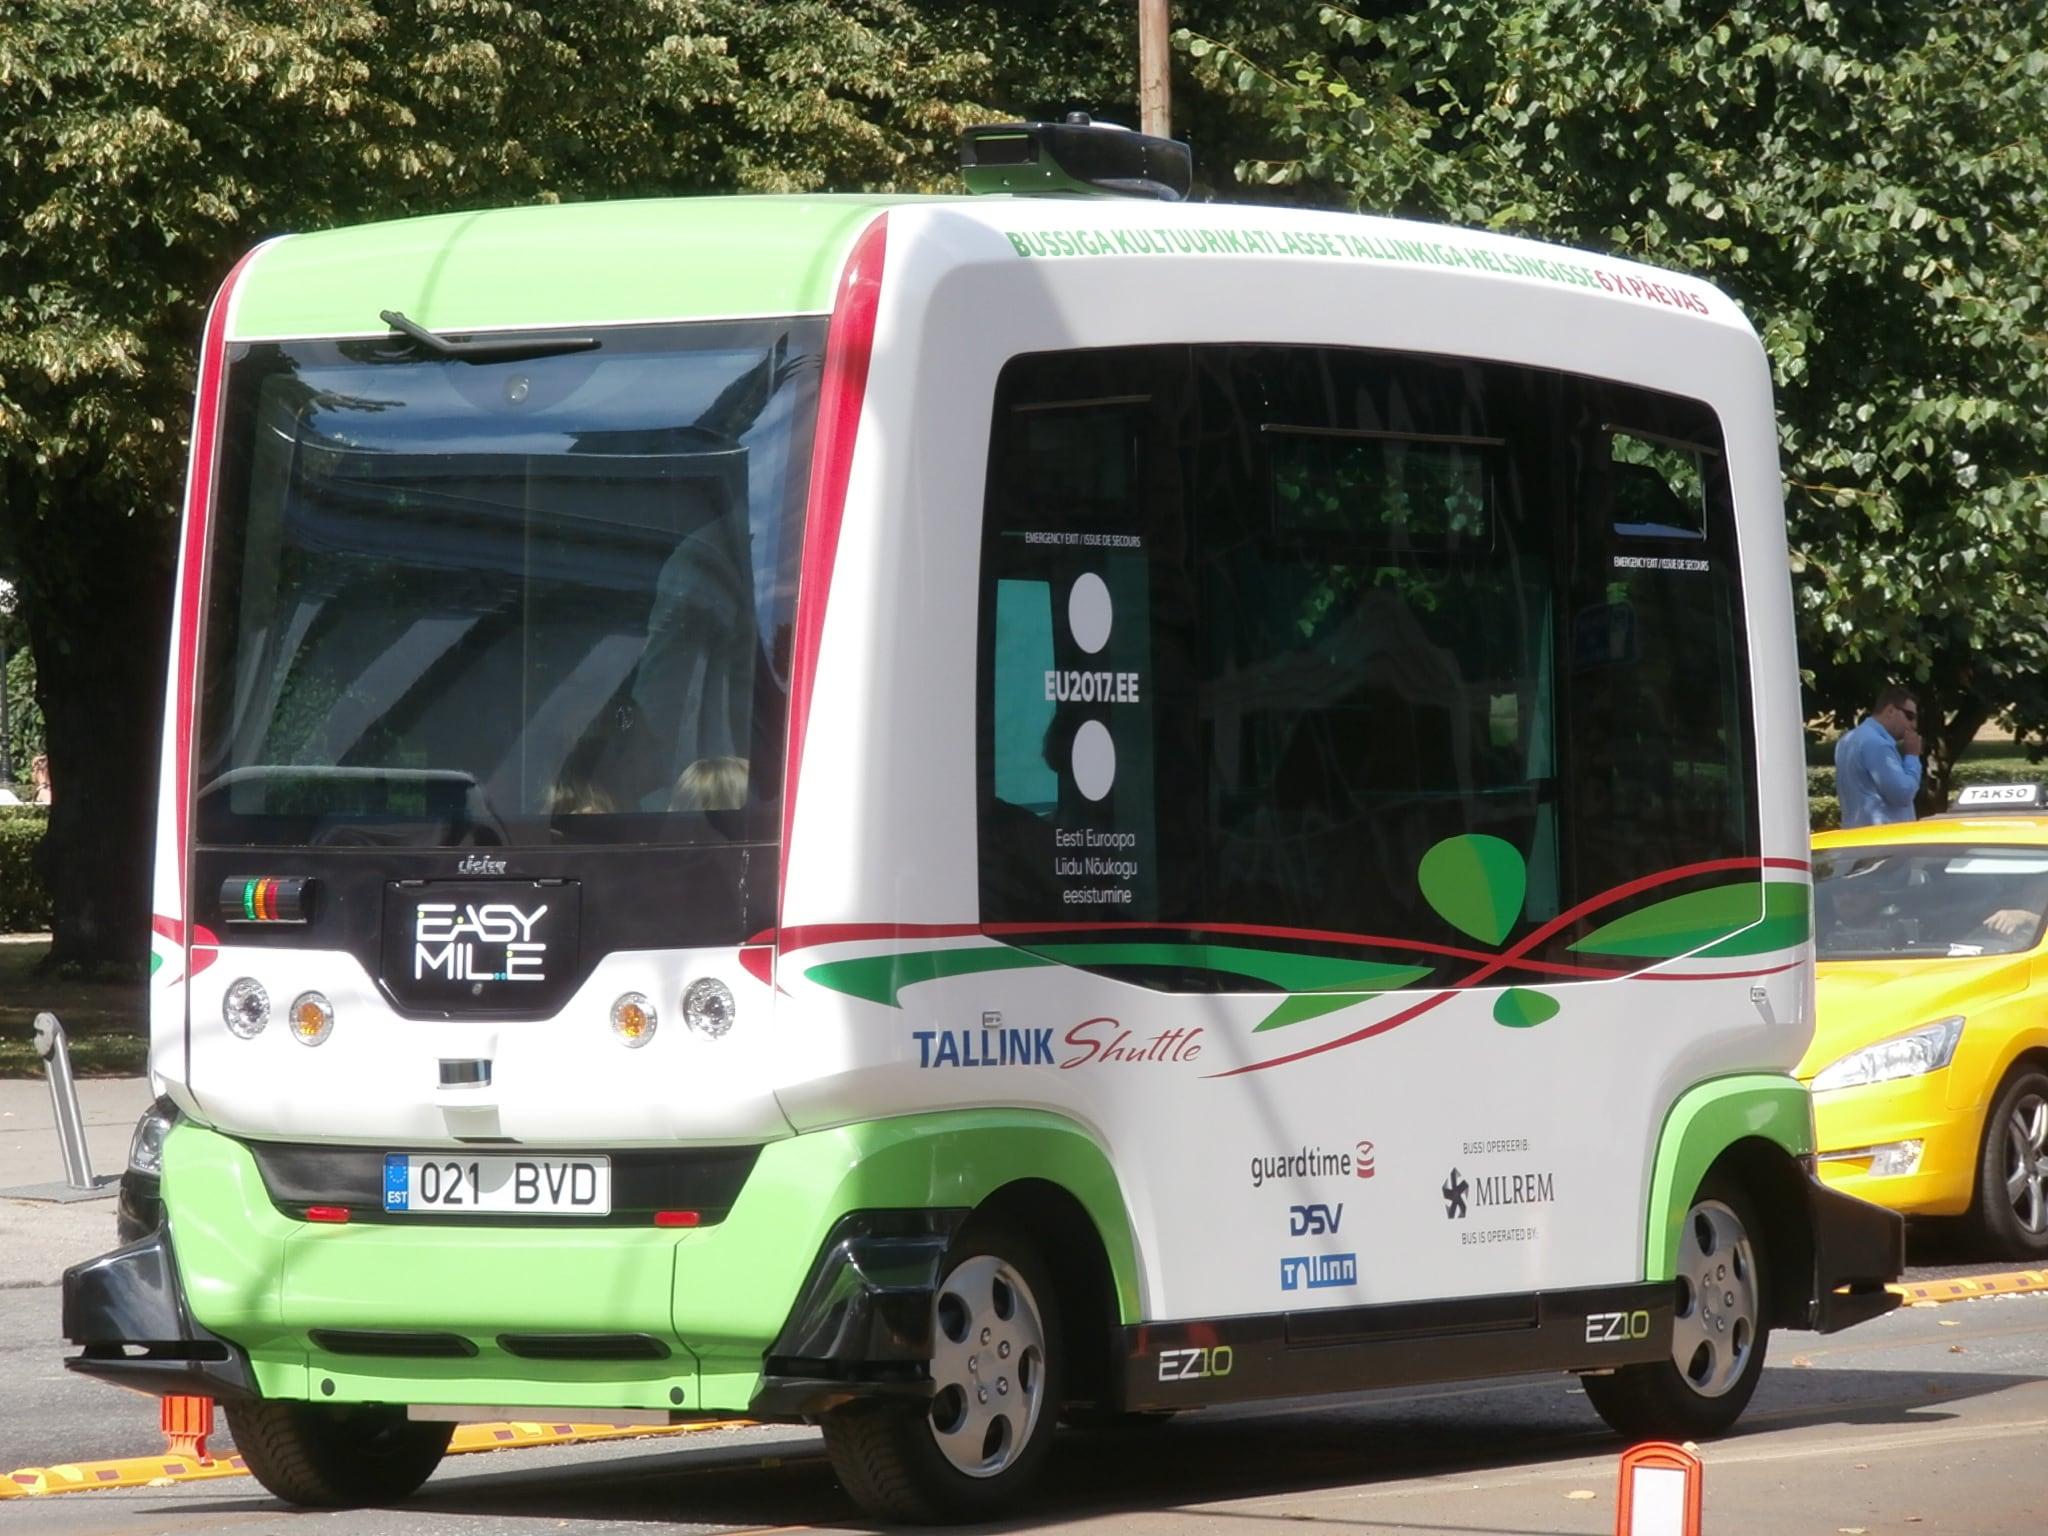 Lanzaderas y taxis sin conductor: ¿el futuro del transporte urbano?